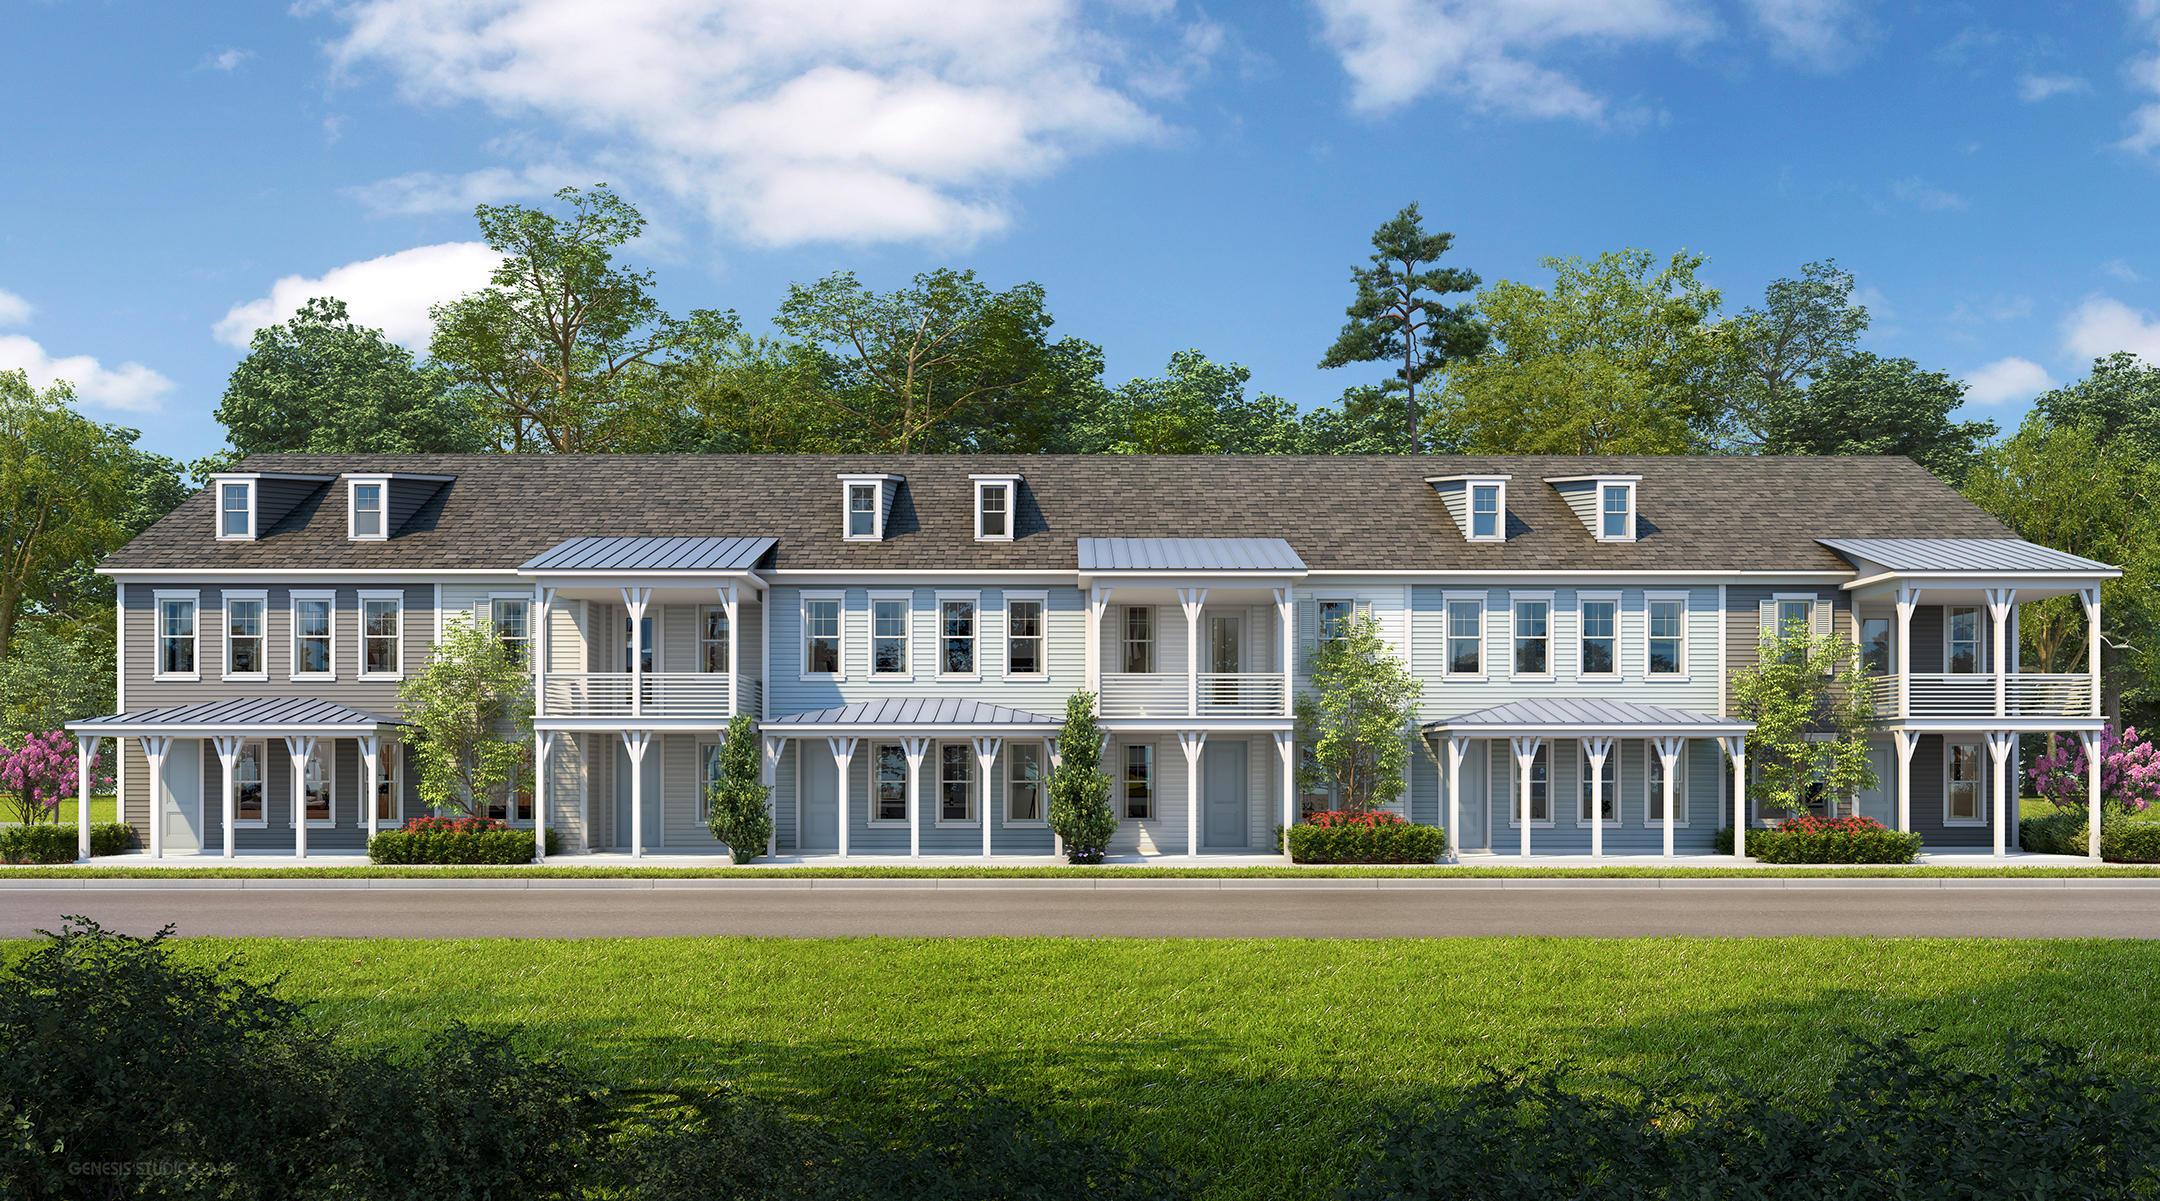 Dunes West Homes For Sale - 3117 Sturbridge, Mount Pleasant, SC - 0